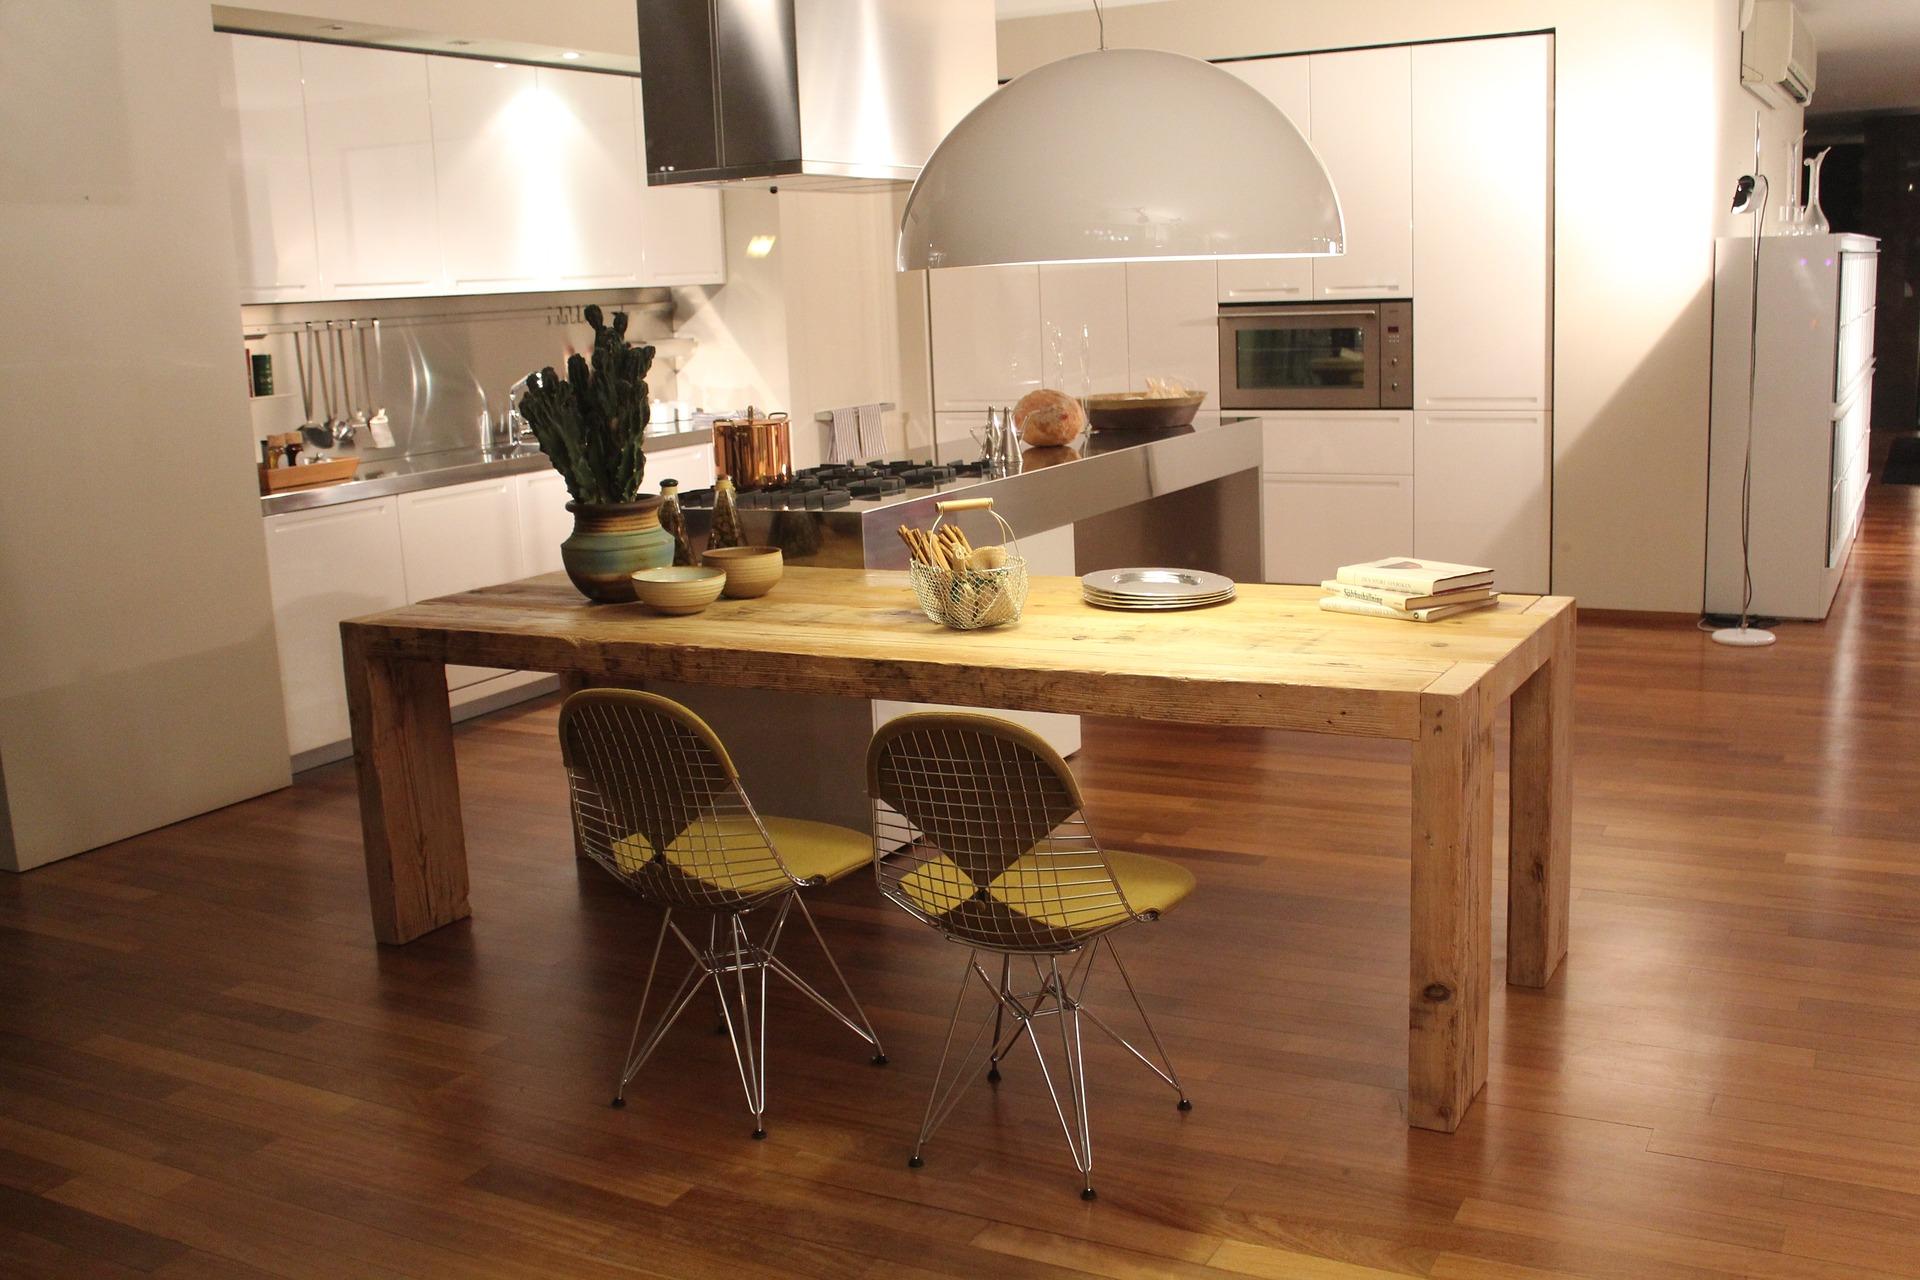 Organizar y planificar una cocina eficiente arcomobel - Planificar una cocina ...